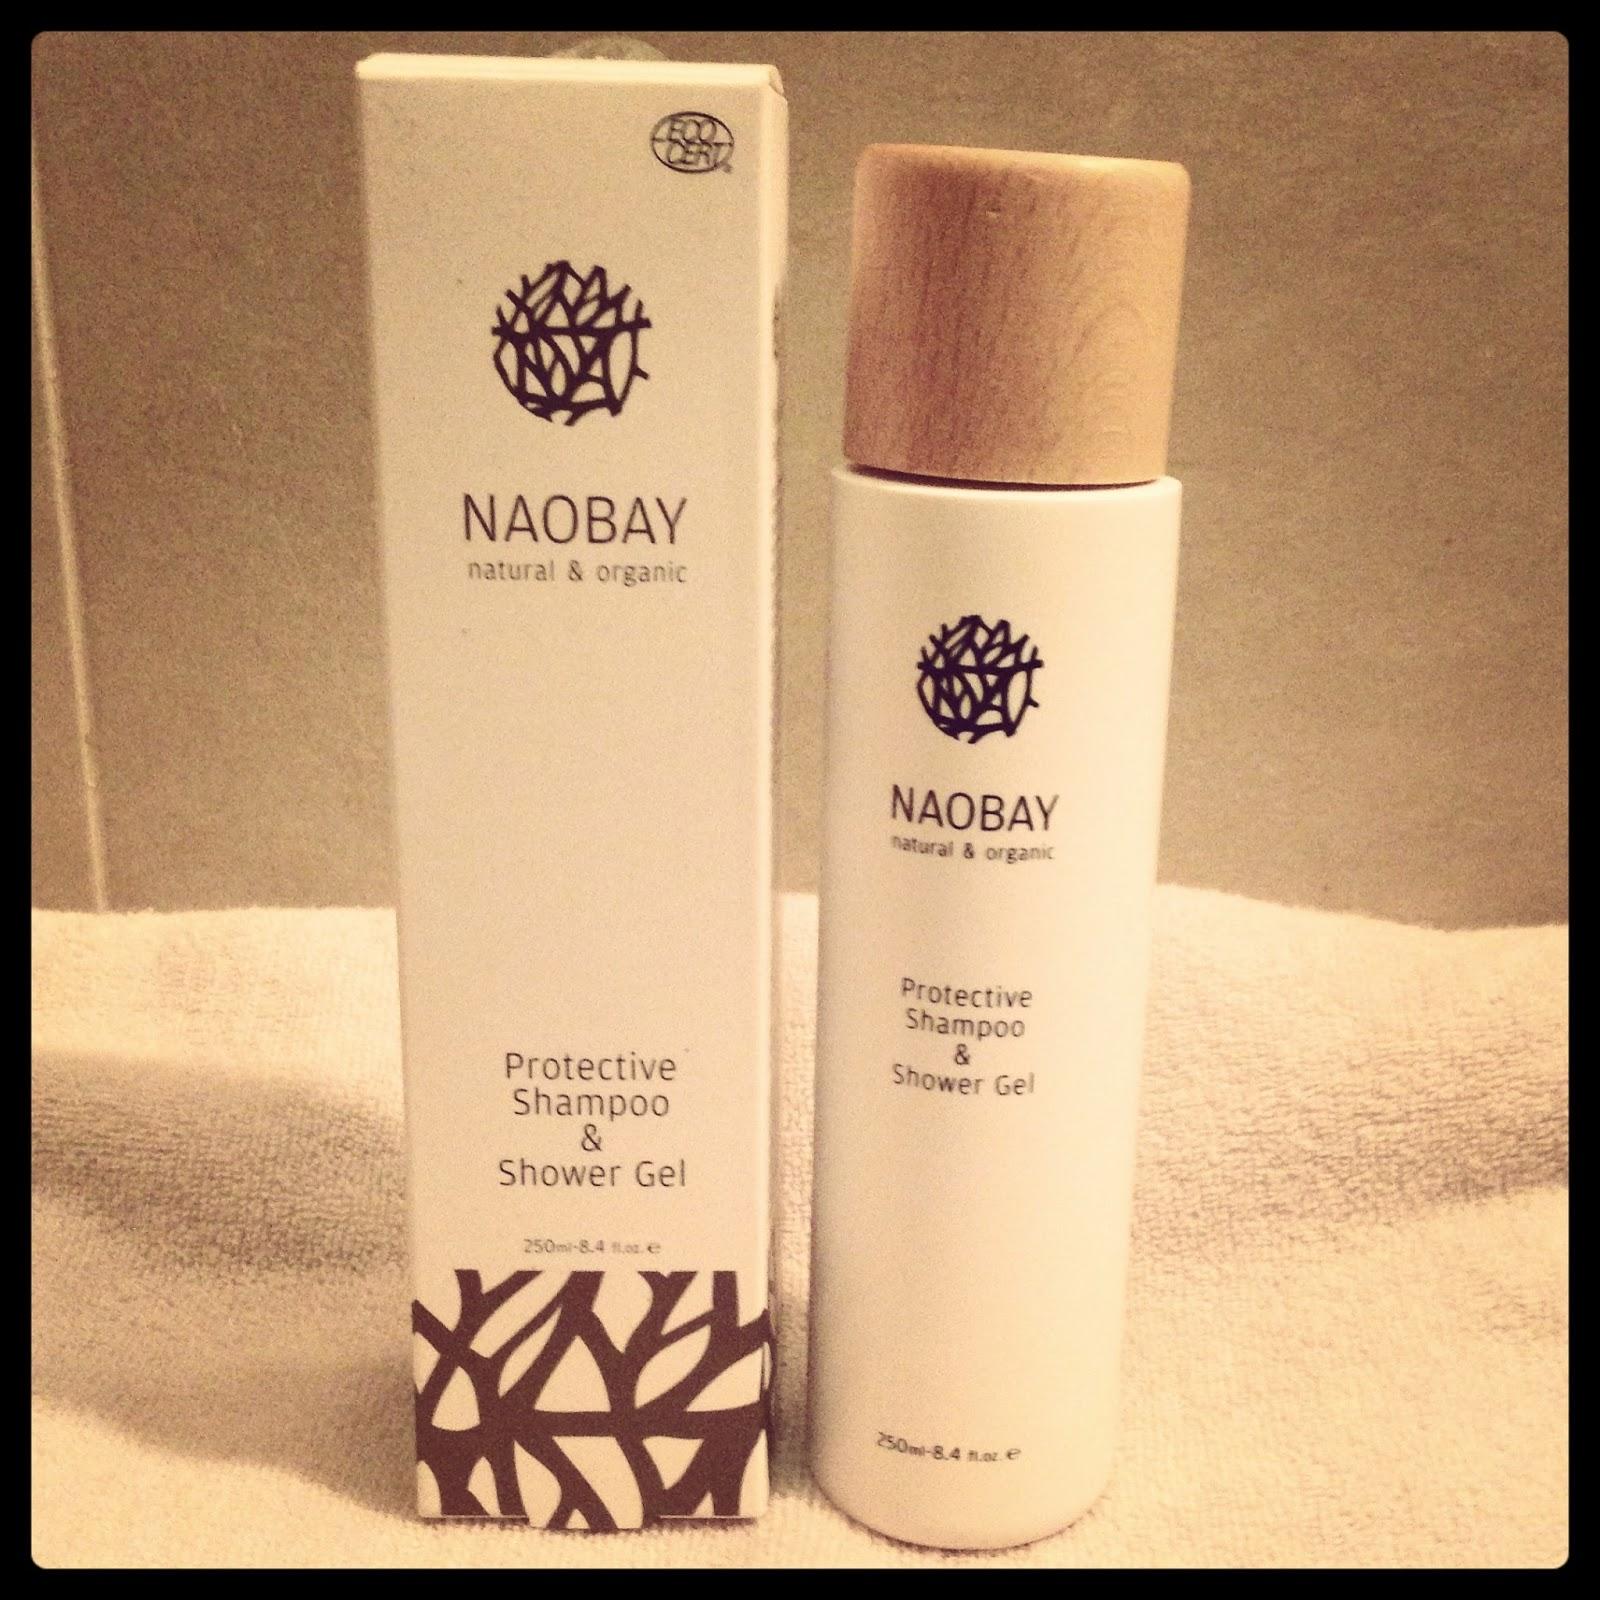 Champú y gel en un sorprendente producto de Naobay